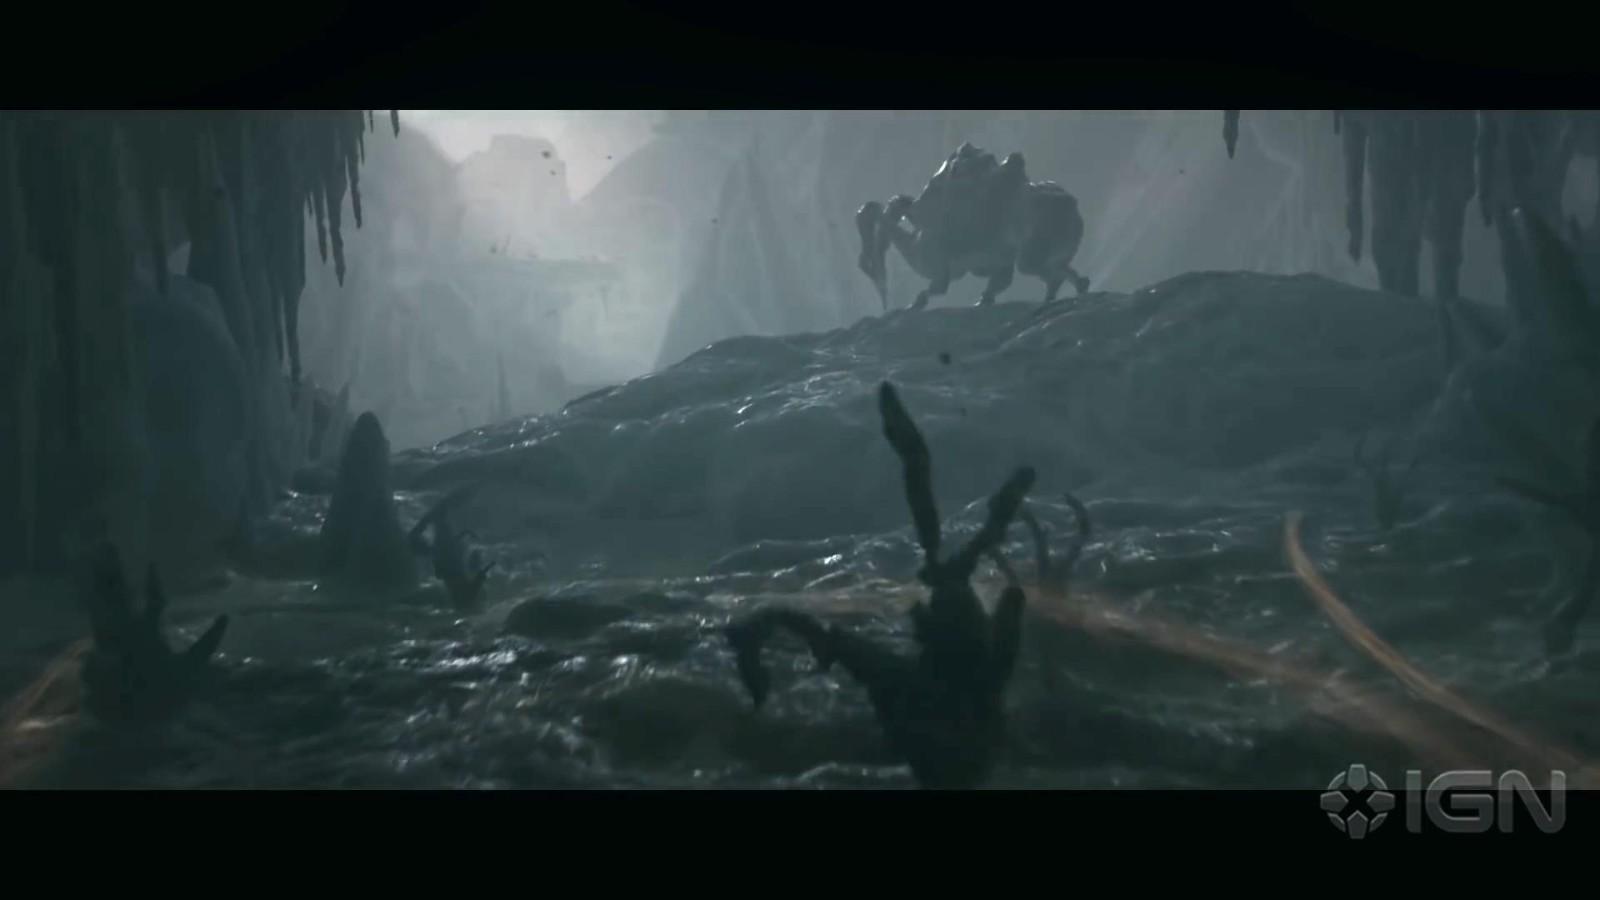 类魂动作冒险RPG《尘埃异变》新预告 充满肢解恐怖和离奇剧情的世界